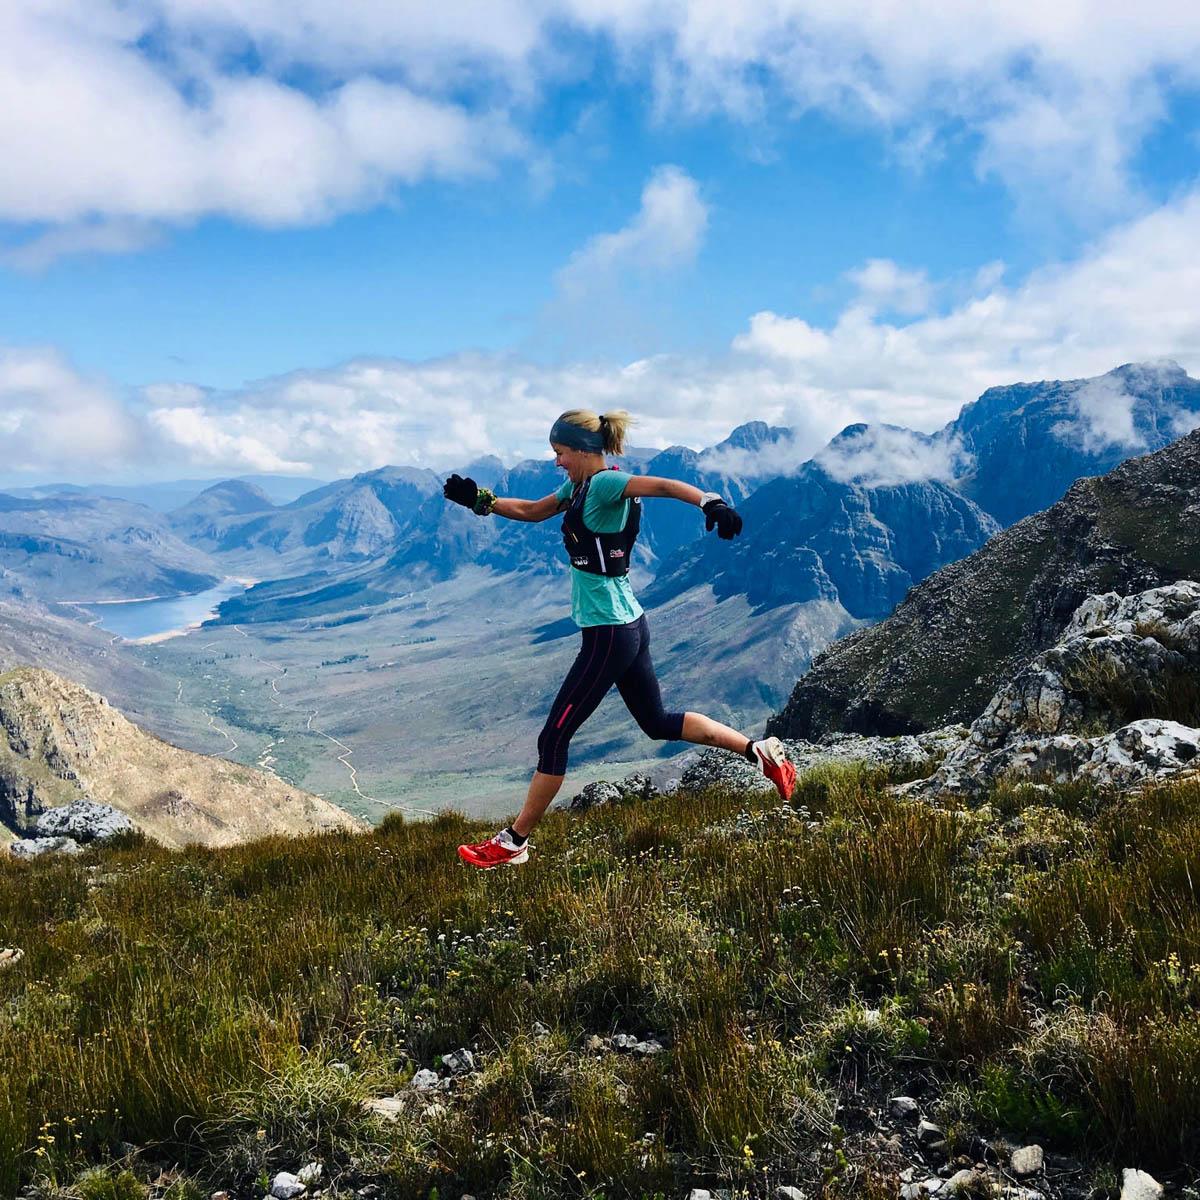 MaXi-Race en Afrique du Sud. Time to Explore !